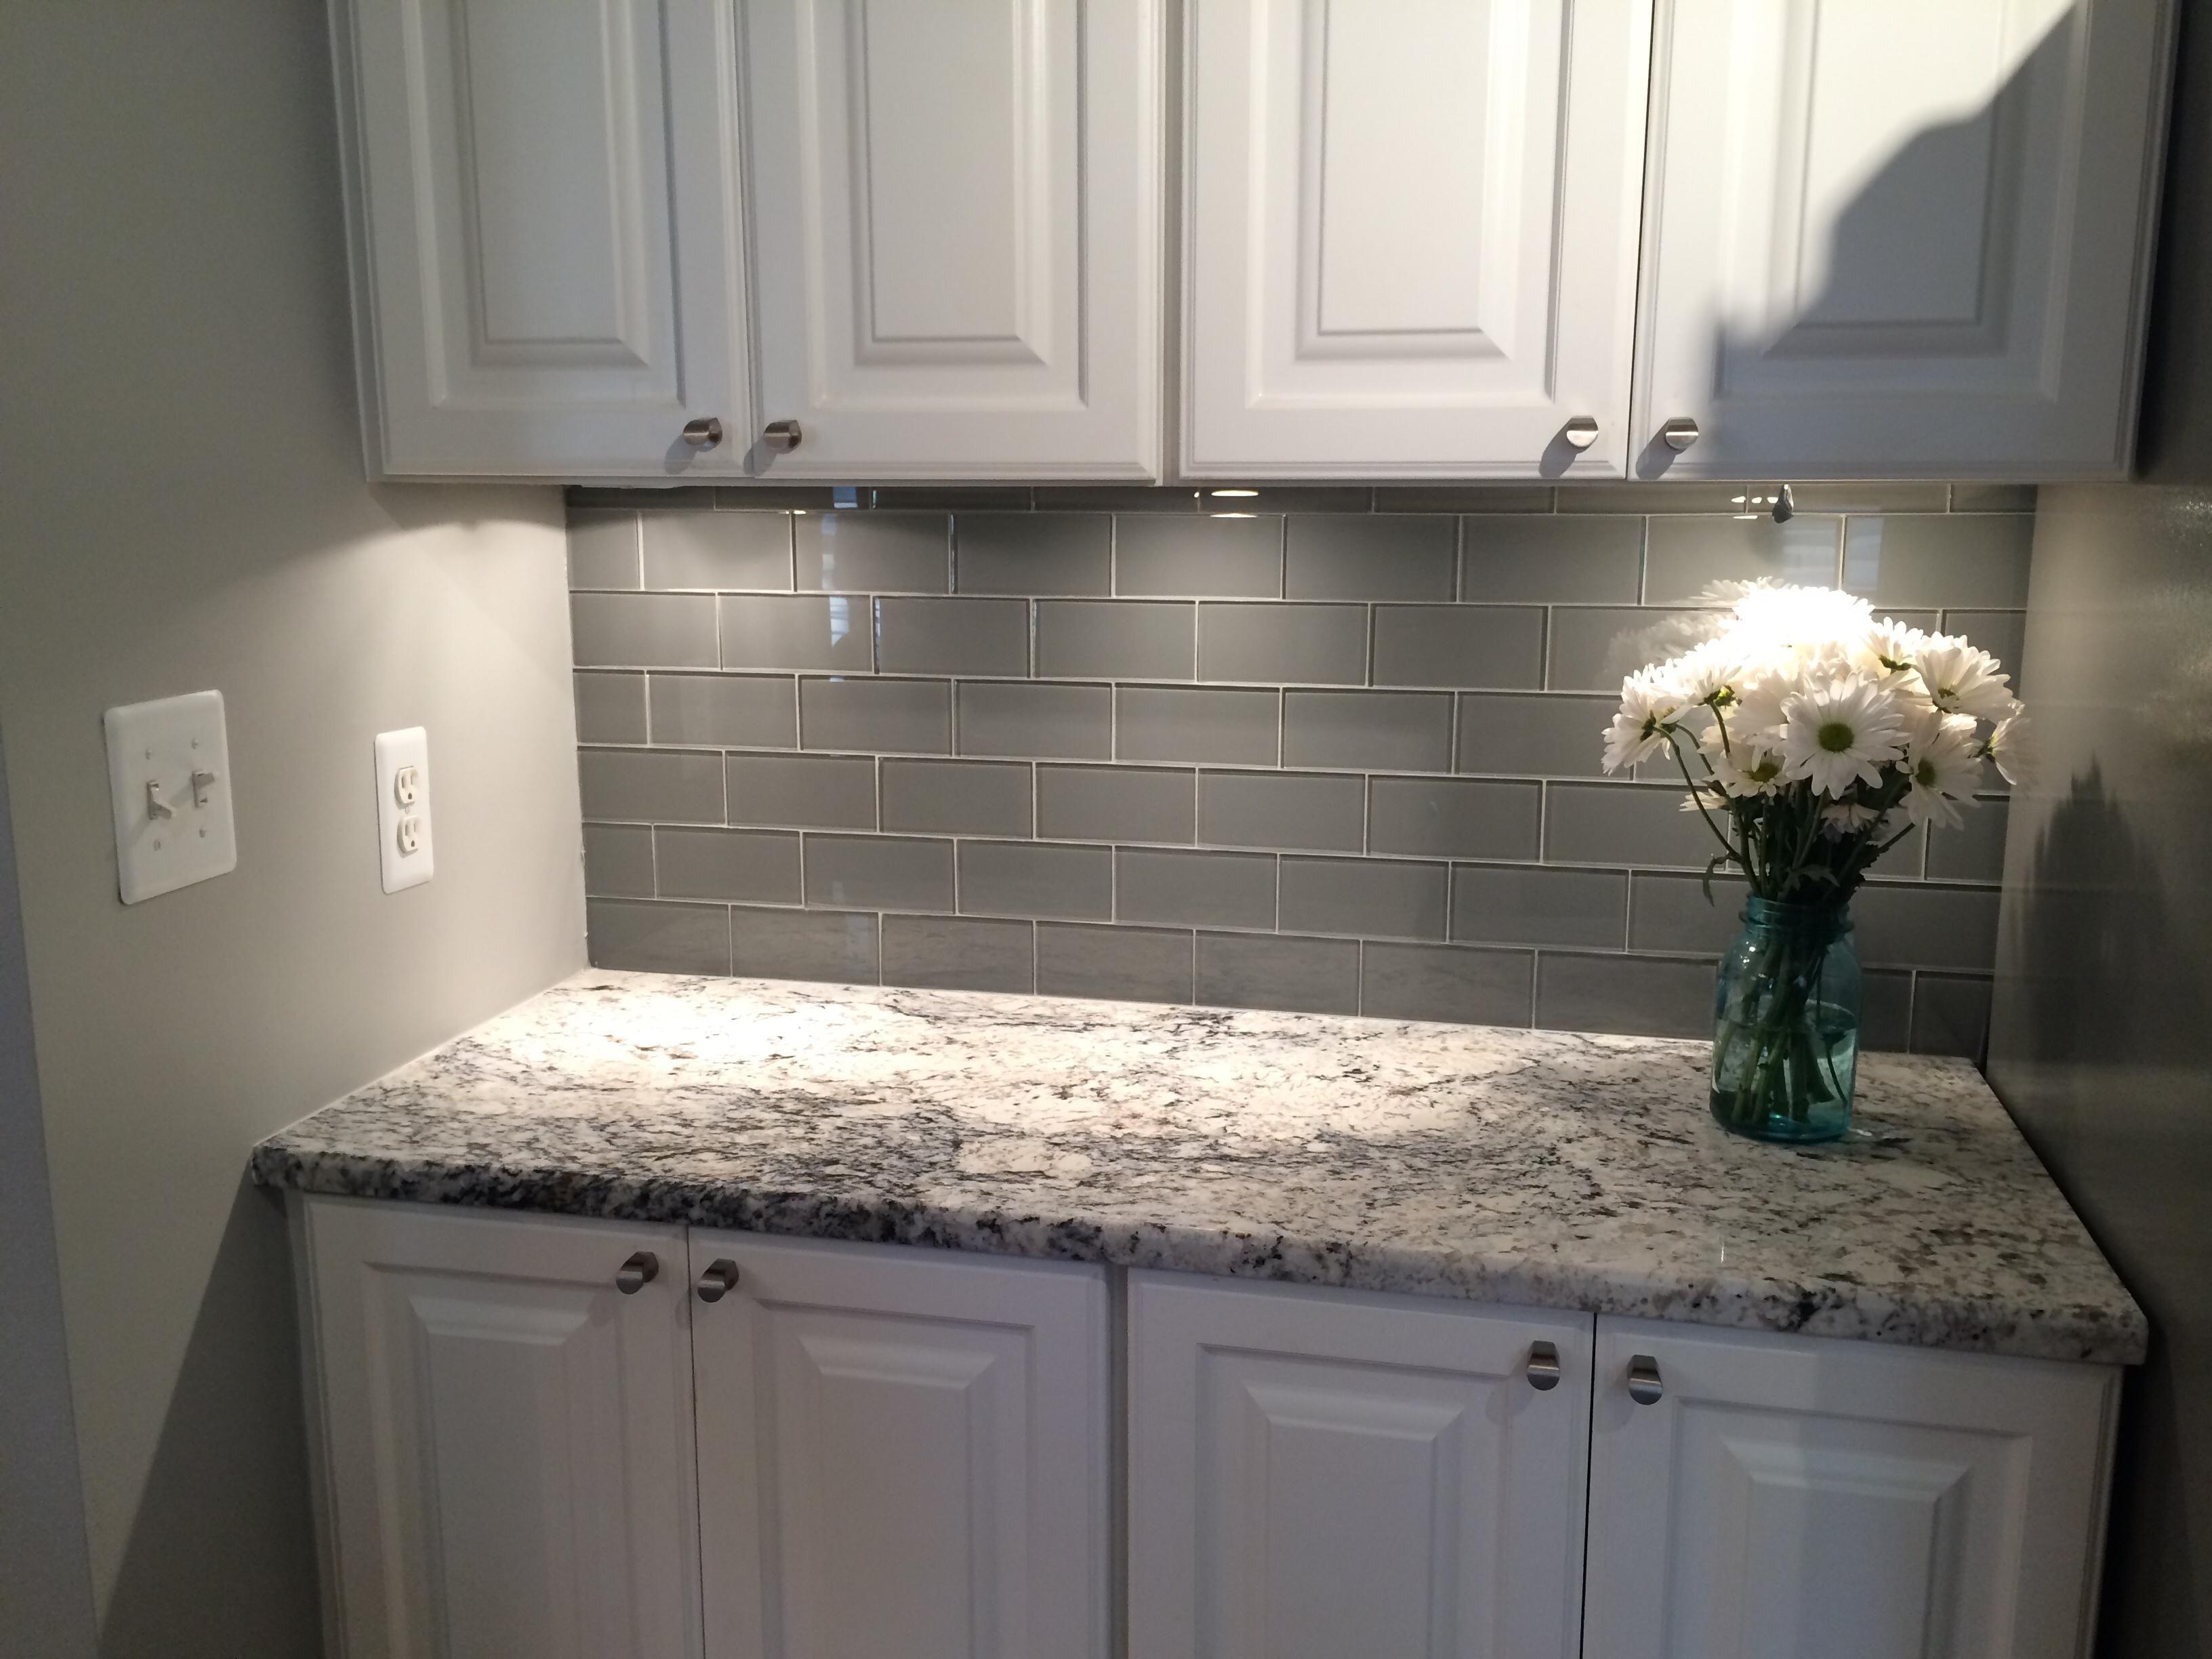 White Tile Backsplash Kitchen Cabinets Columbus 3 Subway